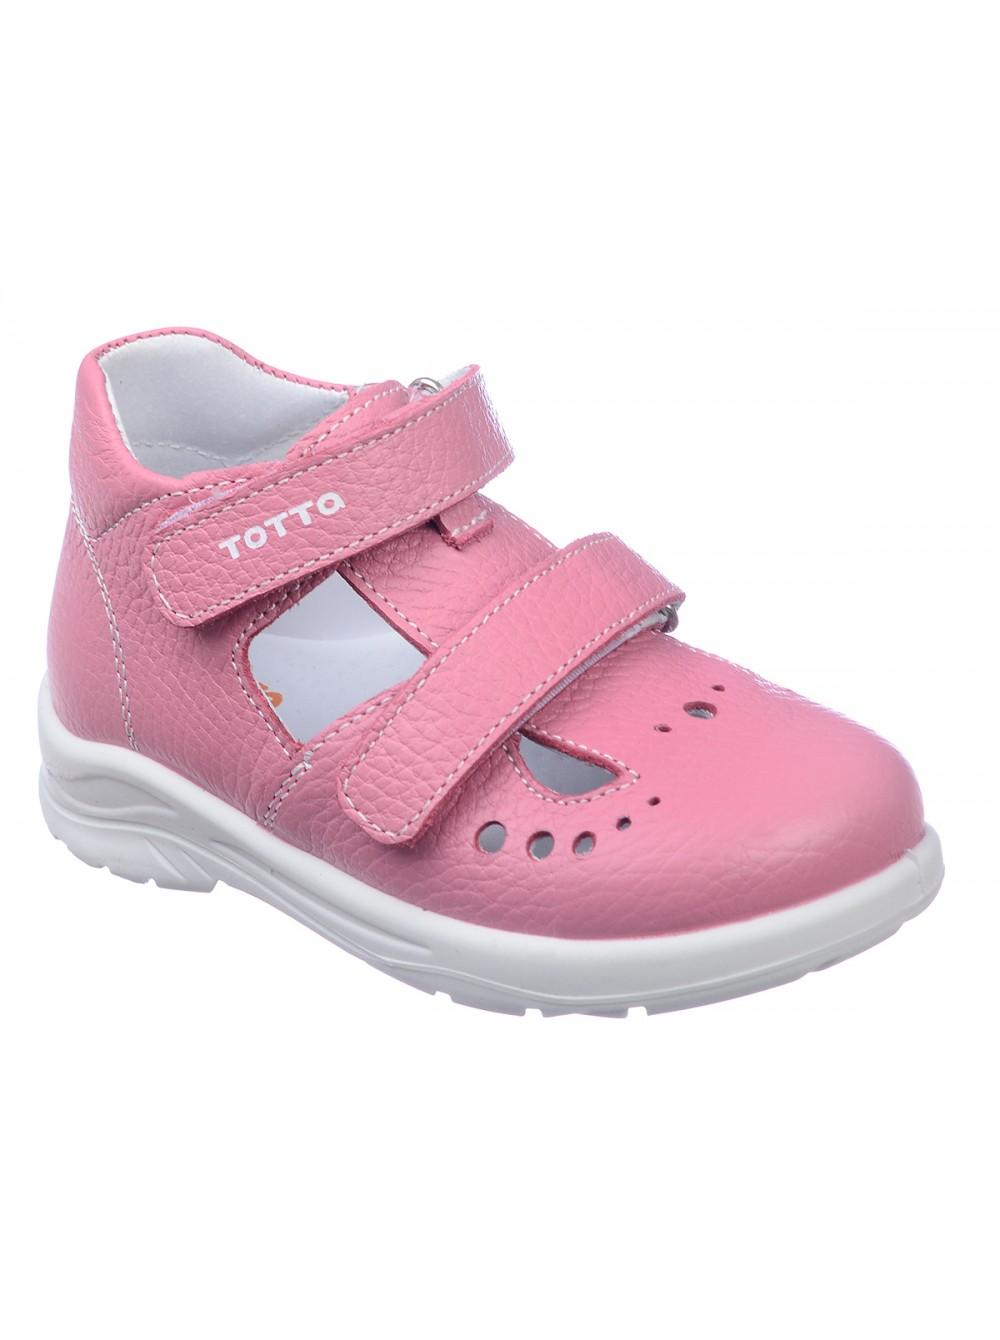 Туфли открытые ТОТТА 0229/1-КП 857 пион (27-29)